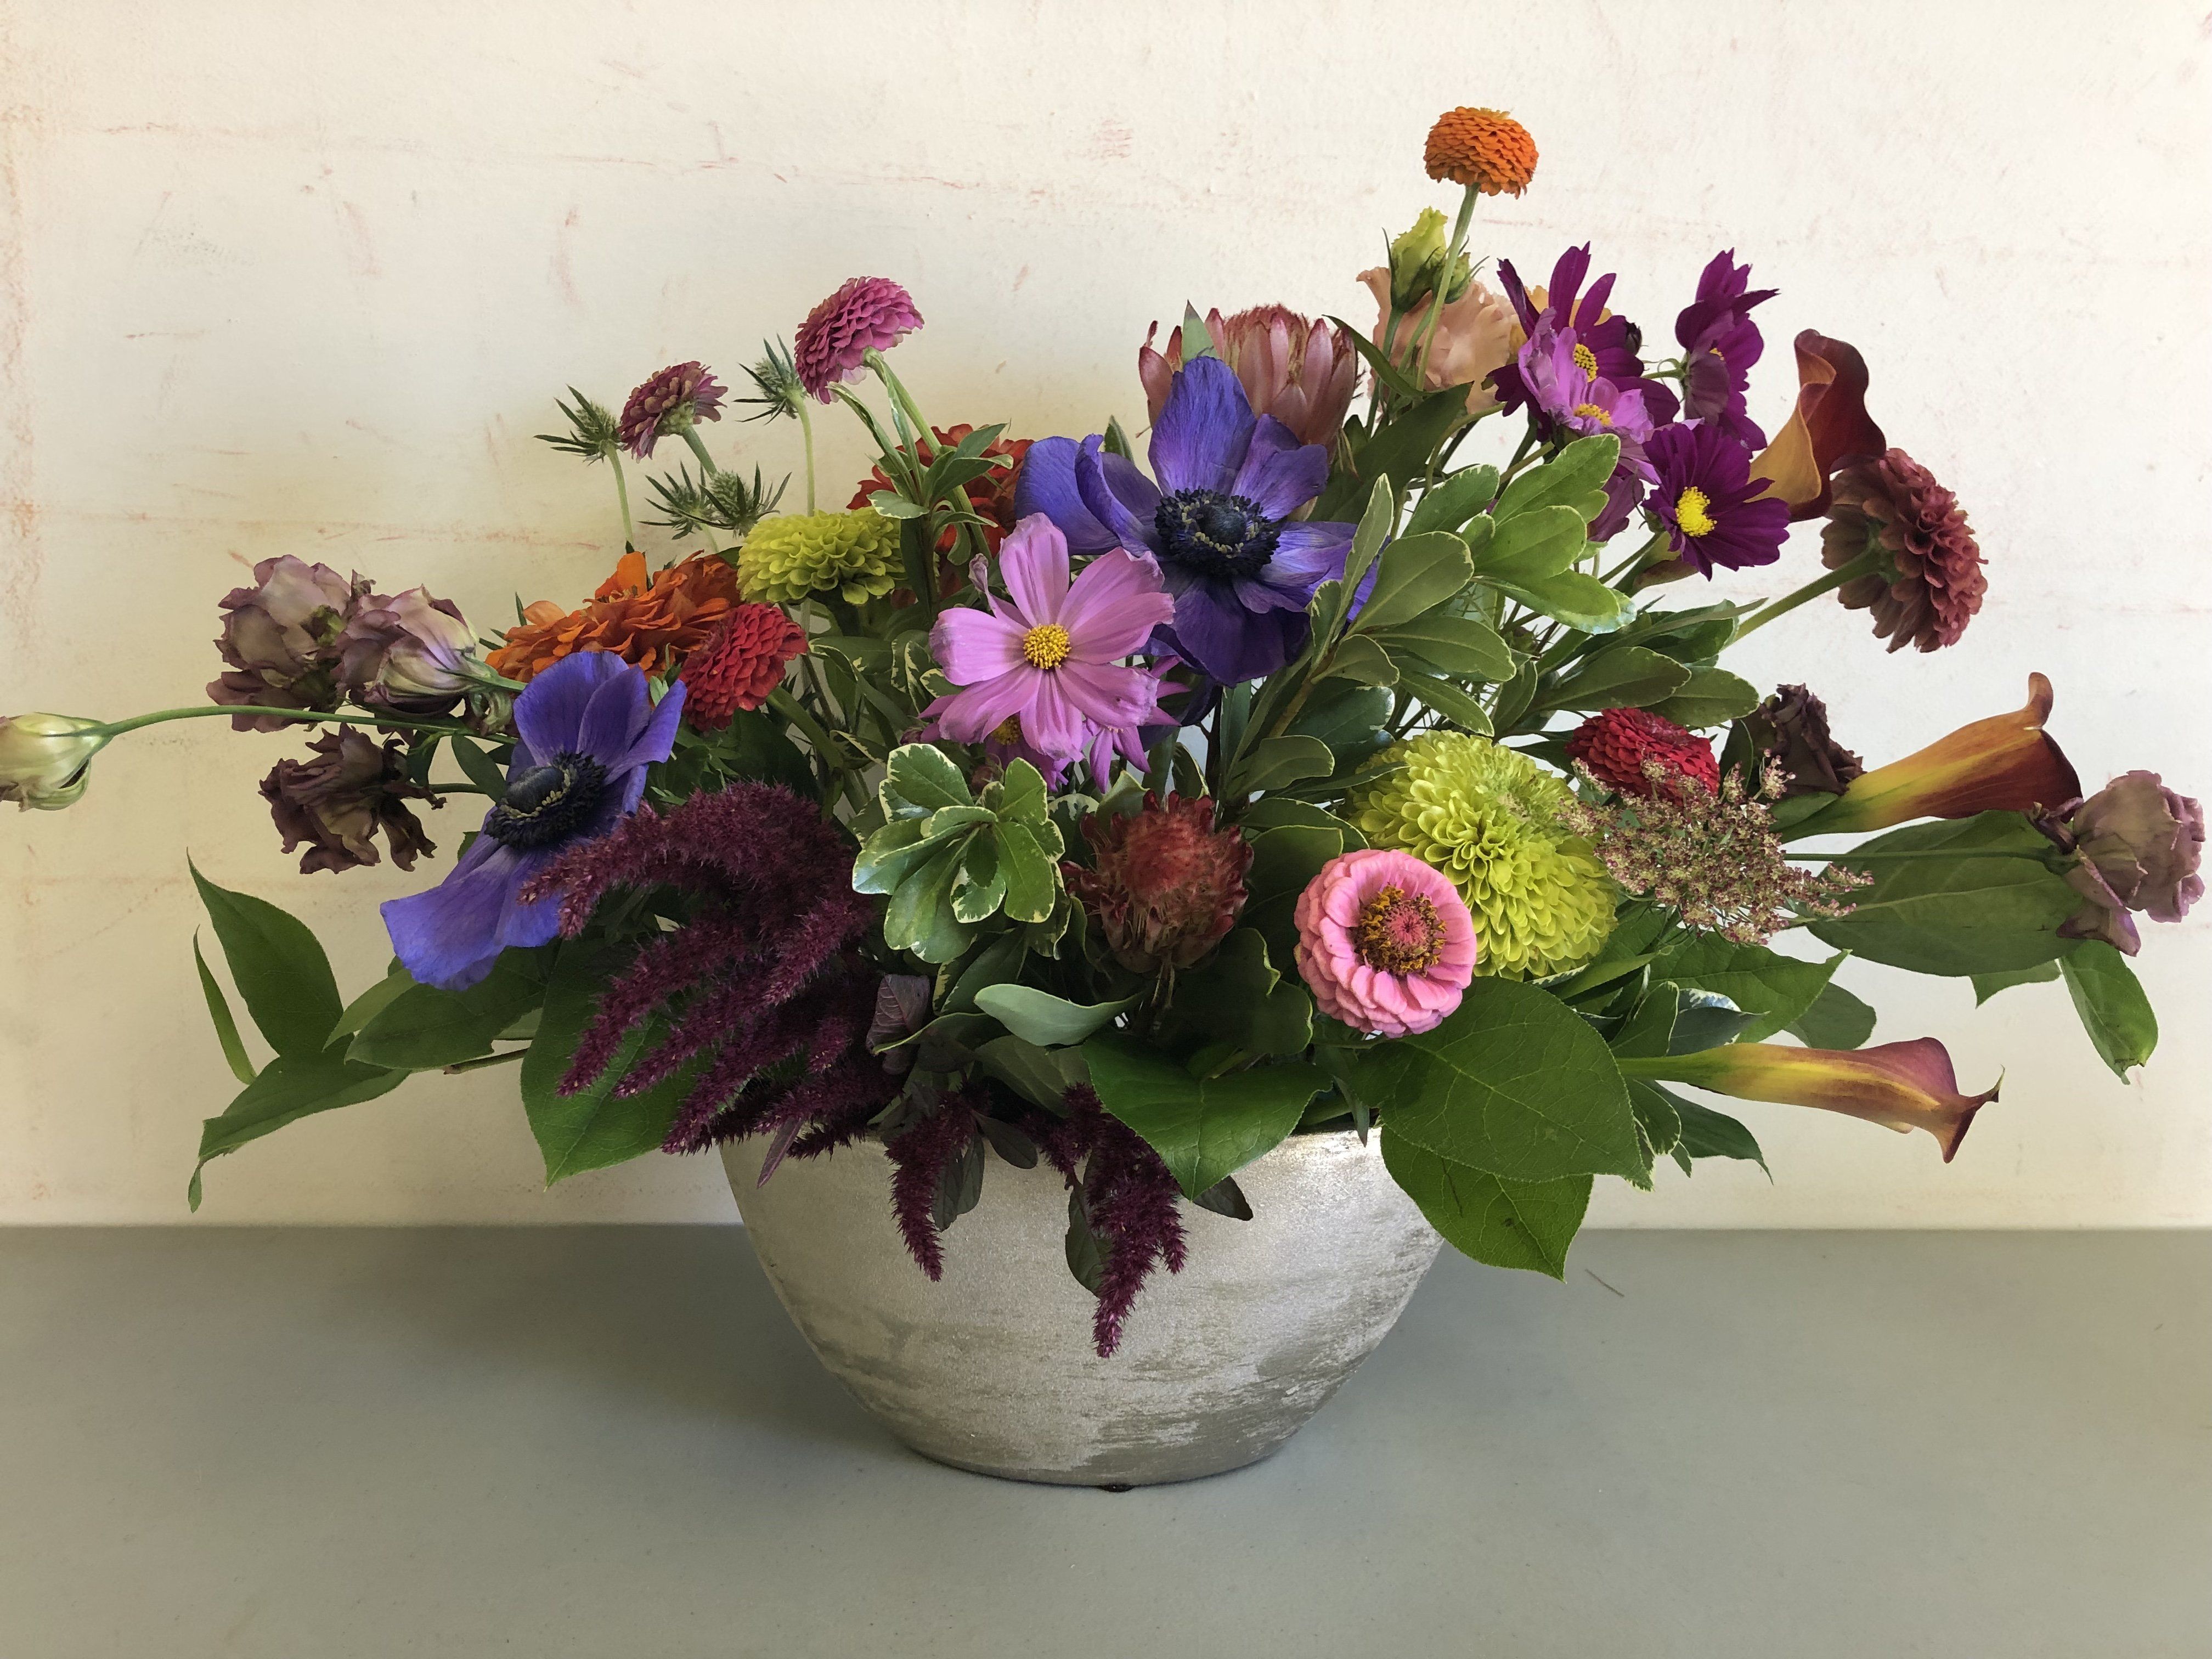 Modern_and_unique_floral_arrangement_myge3t.jpg